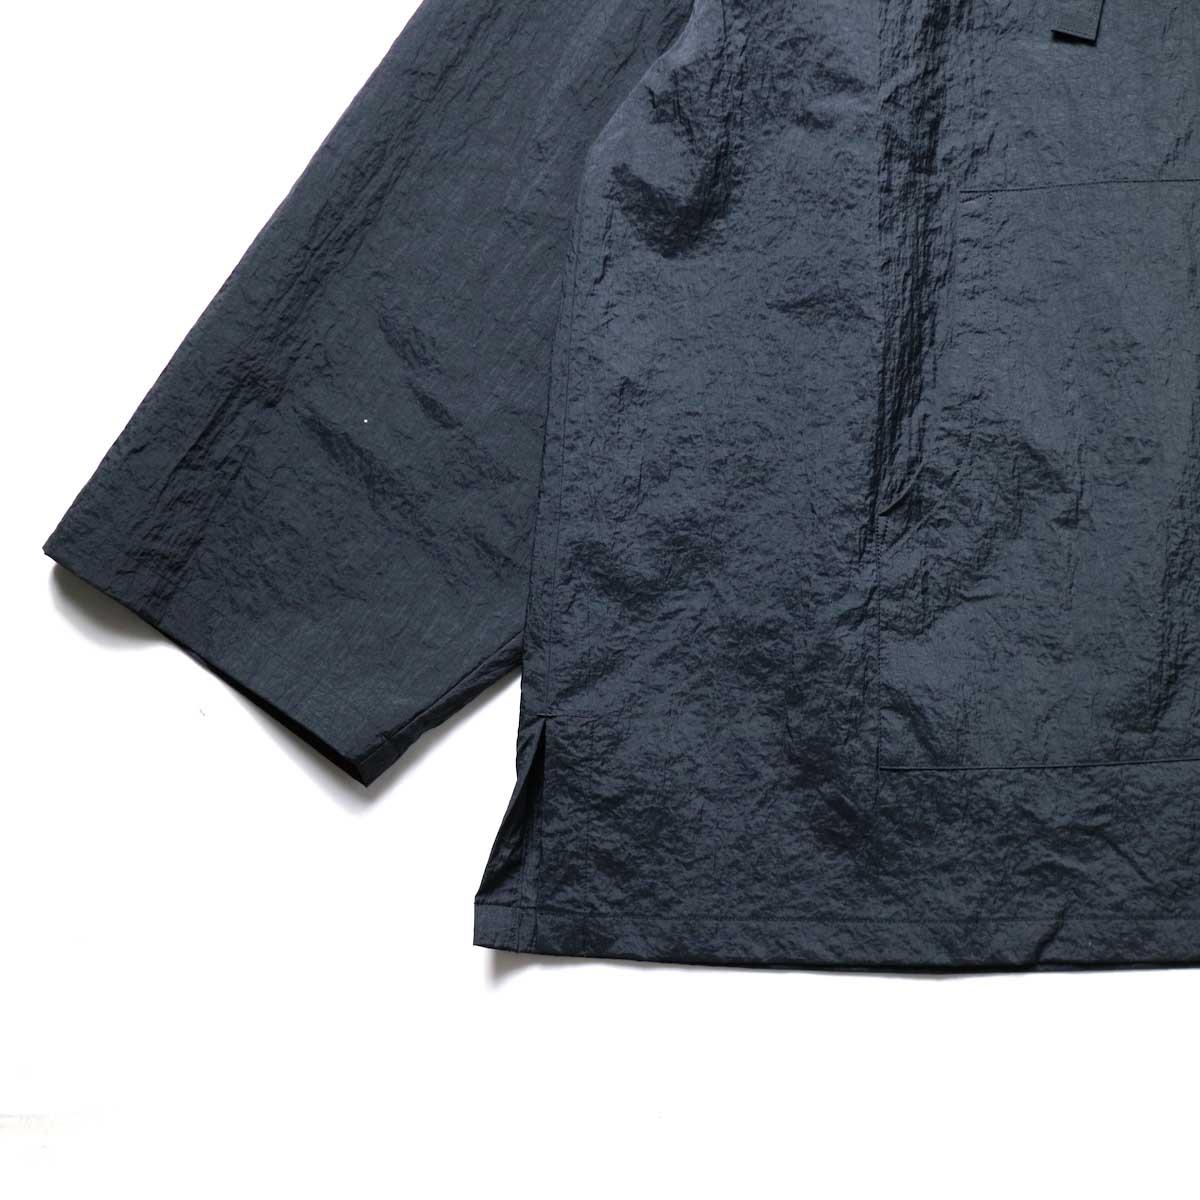 MexiPa / Nylon Mexican Parka (Black) 袖、裾